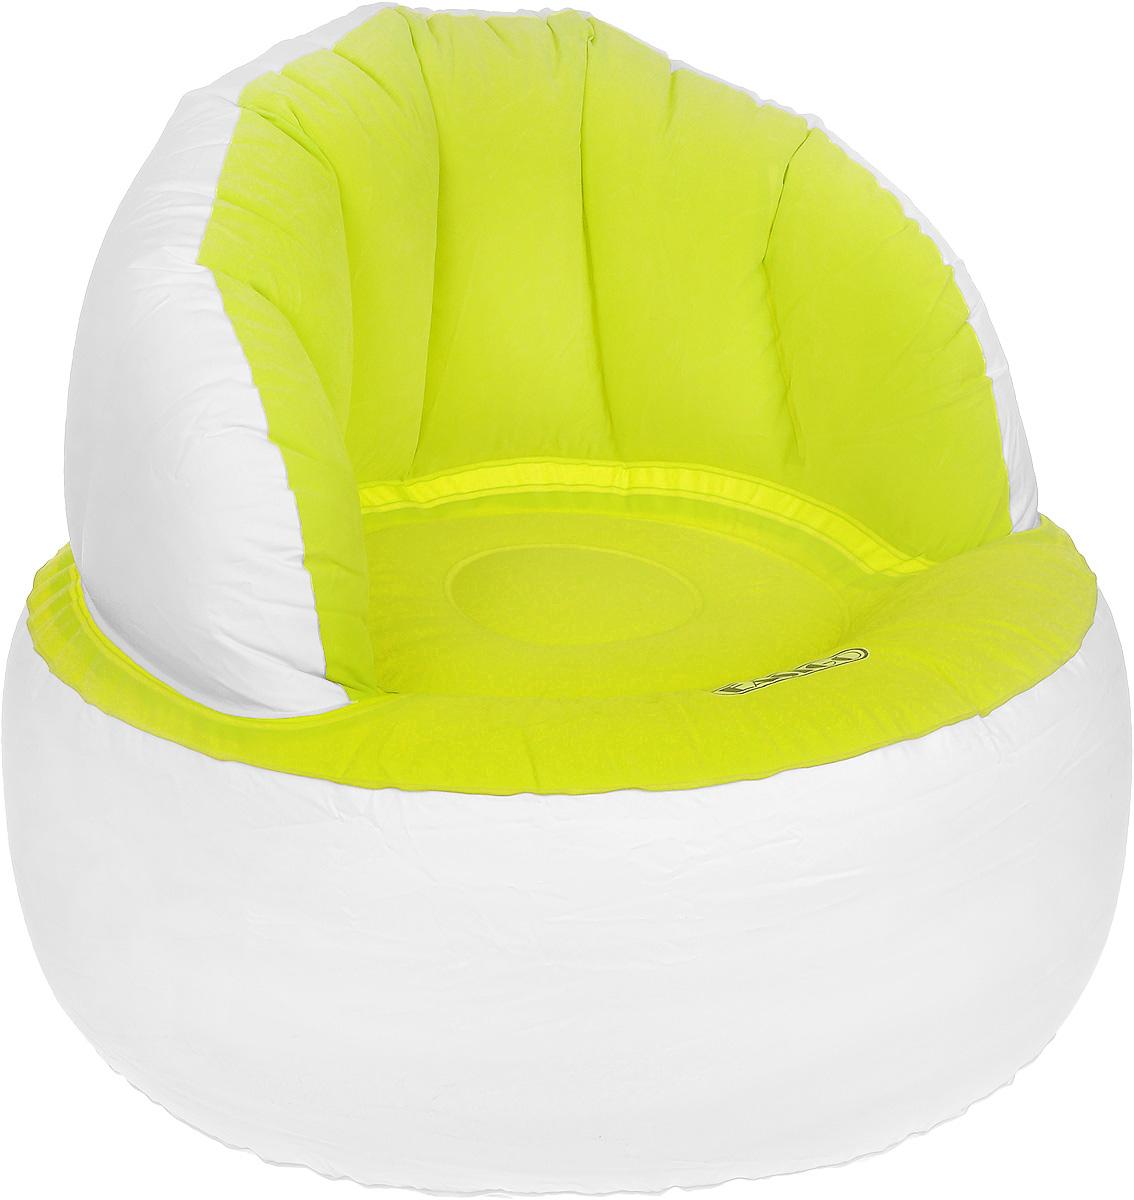 Кресло надувное Jilong Easigo Chair, цвет: салатовый, белый, 85 х 85 х 74 смJL037265NКресло надувное Jilong Easigo Chair выполнено из высококачественного винила с велюровым покрытием. Отлично подойдет для использования дома или в офисе. Особенности кресла: Водоотталкивающее флоковое покрытие. Специальная конструкция с хорошей поддержкой не только спины, но и поясницы Самоклеящаяся заплатка прилагается. Сдержанный дизайн, нейтральные цвета подходят к любому интерьеру и делают надувное кресло отличным выбором. Кресло поставляется в сдутом виде.